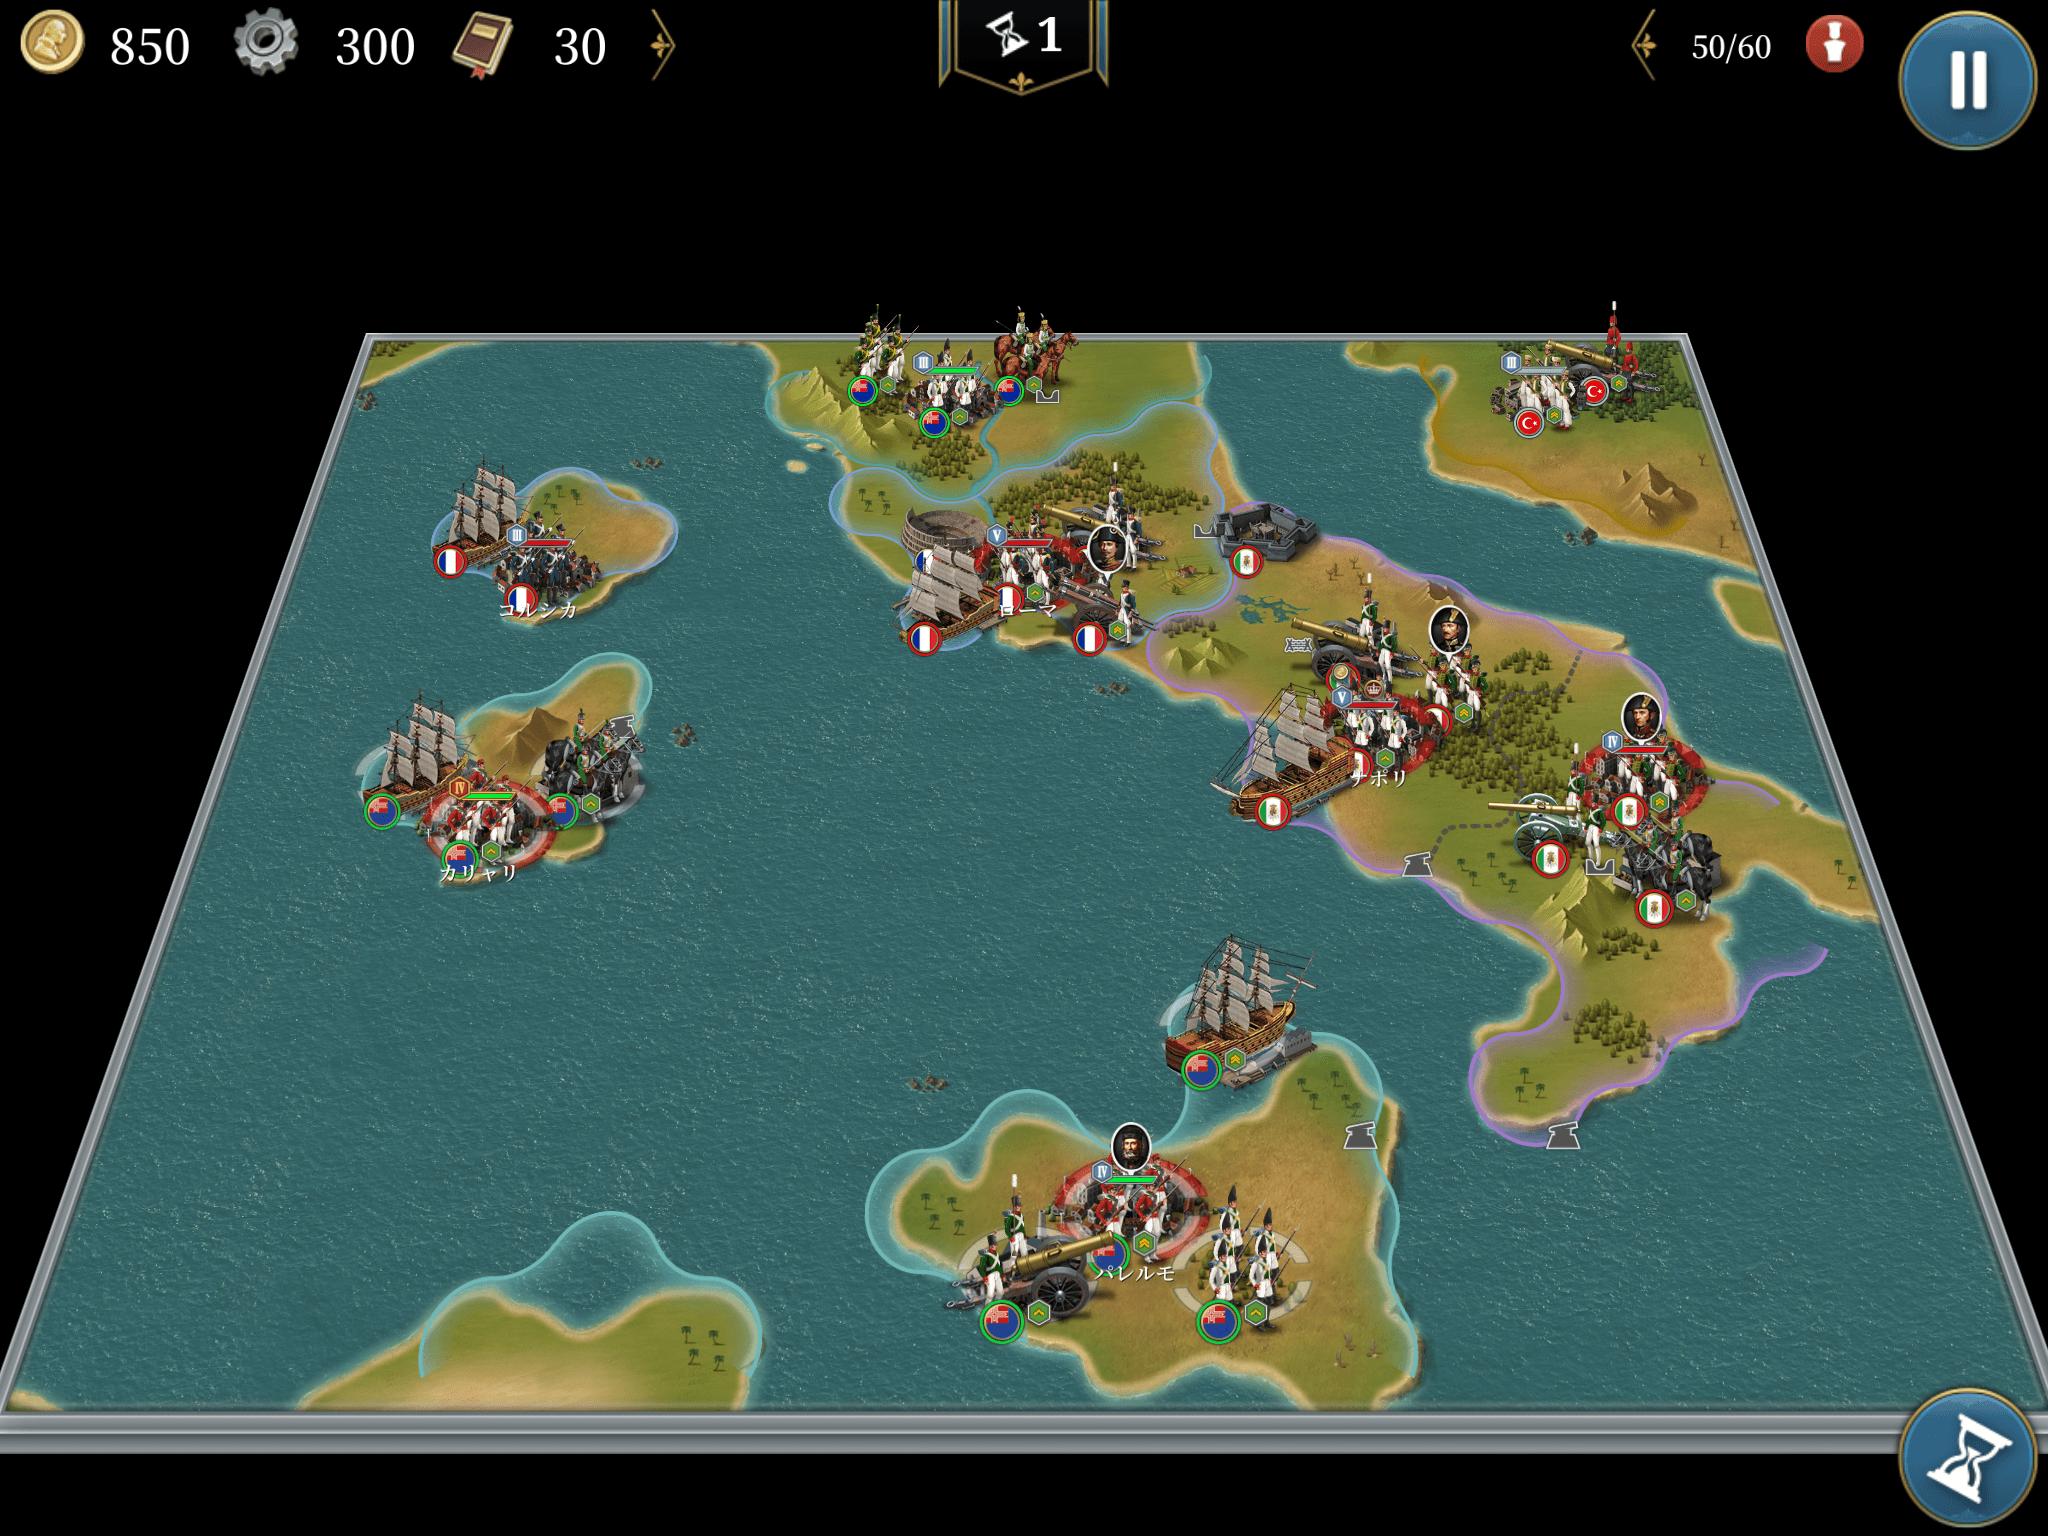 ナポリへの進軍